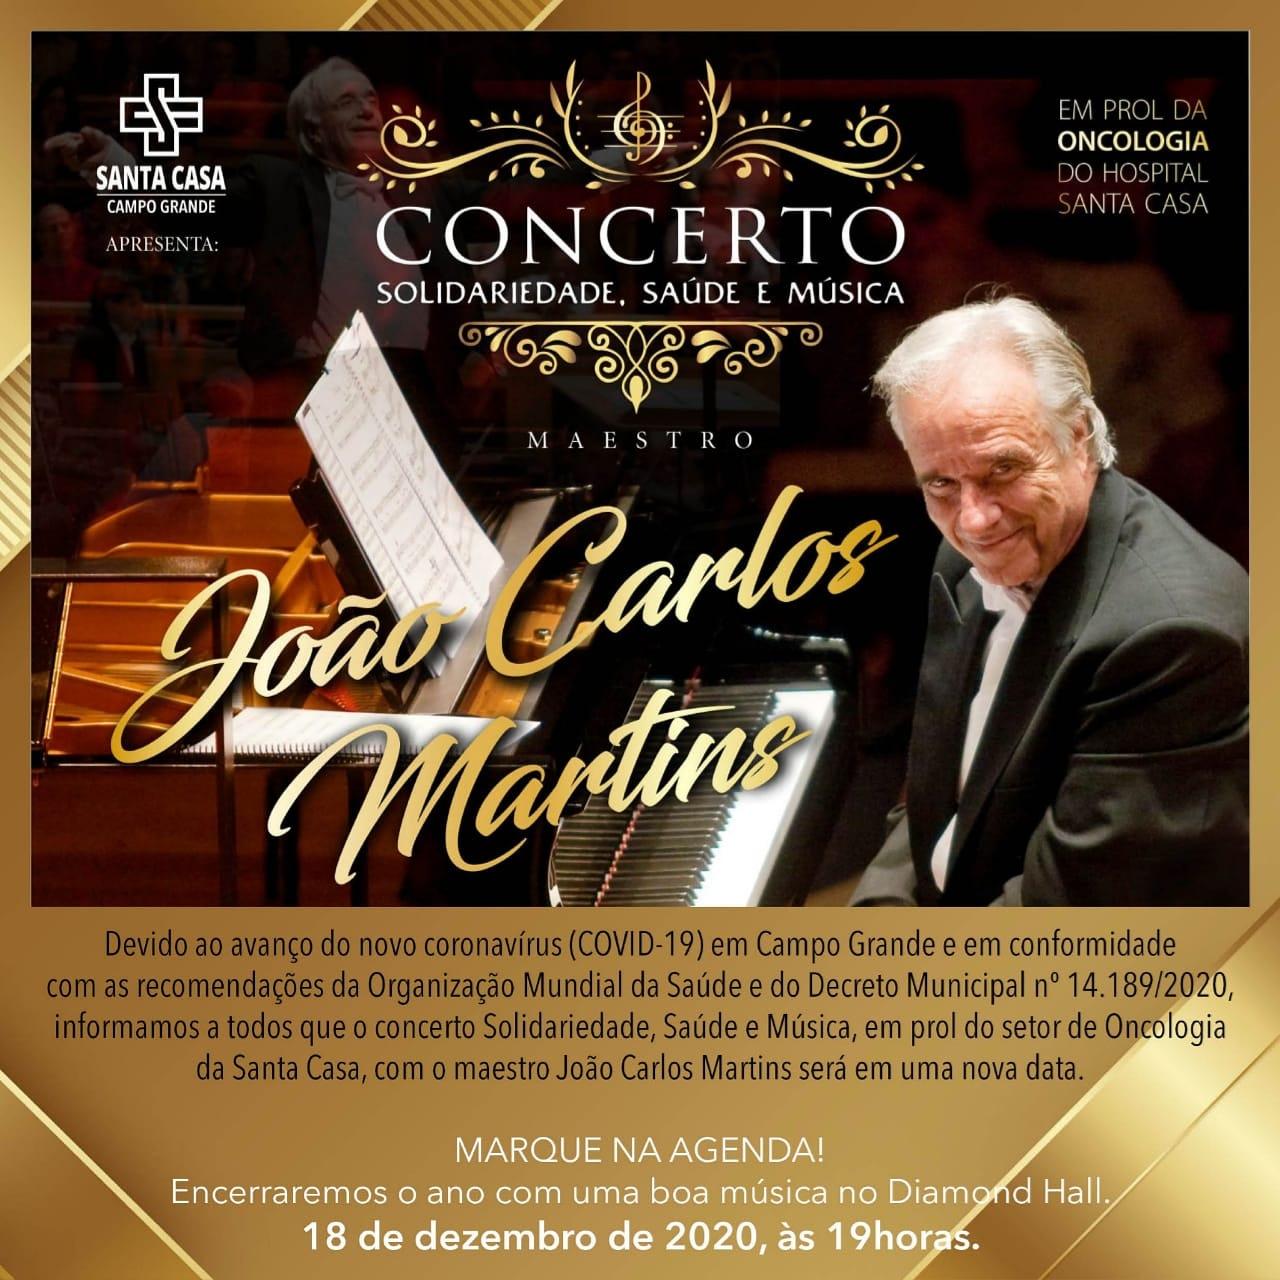 Concerto - Santa Casa